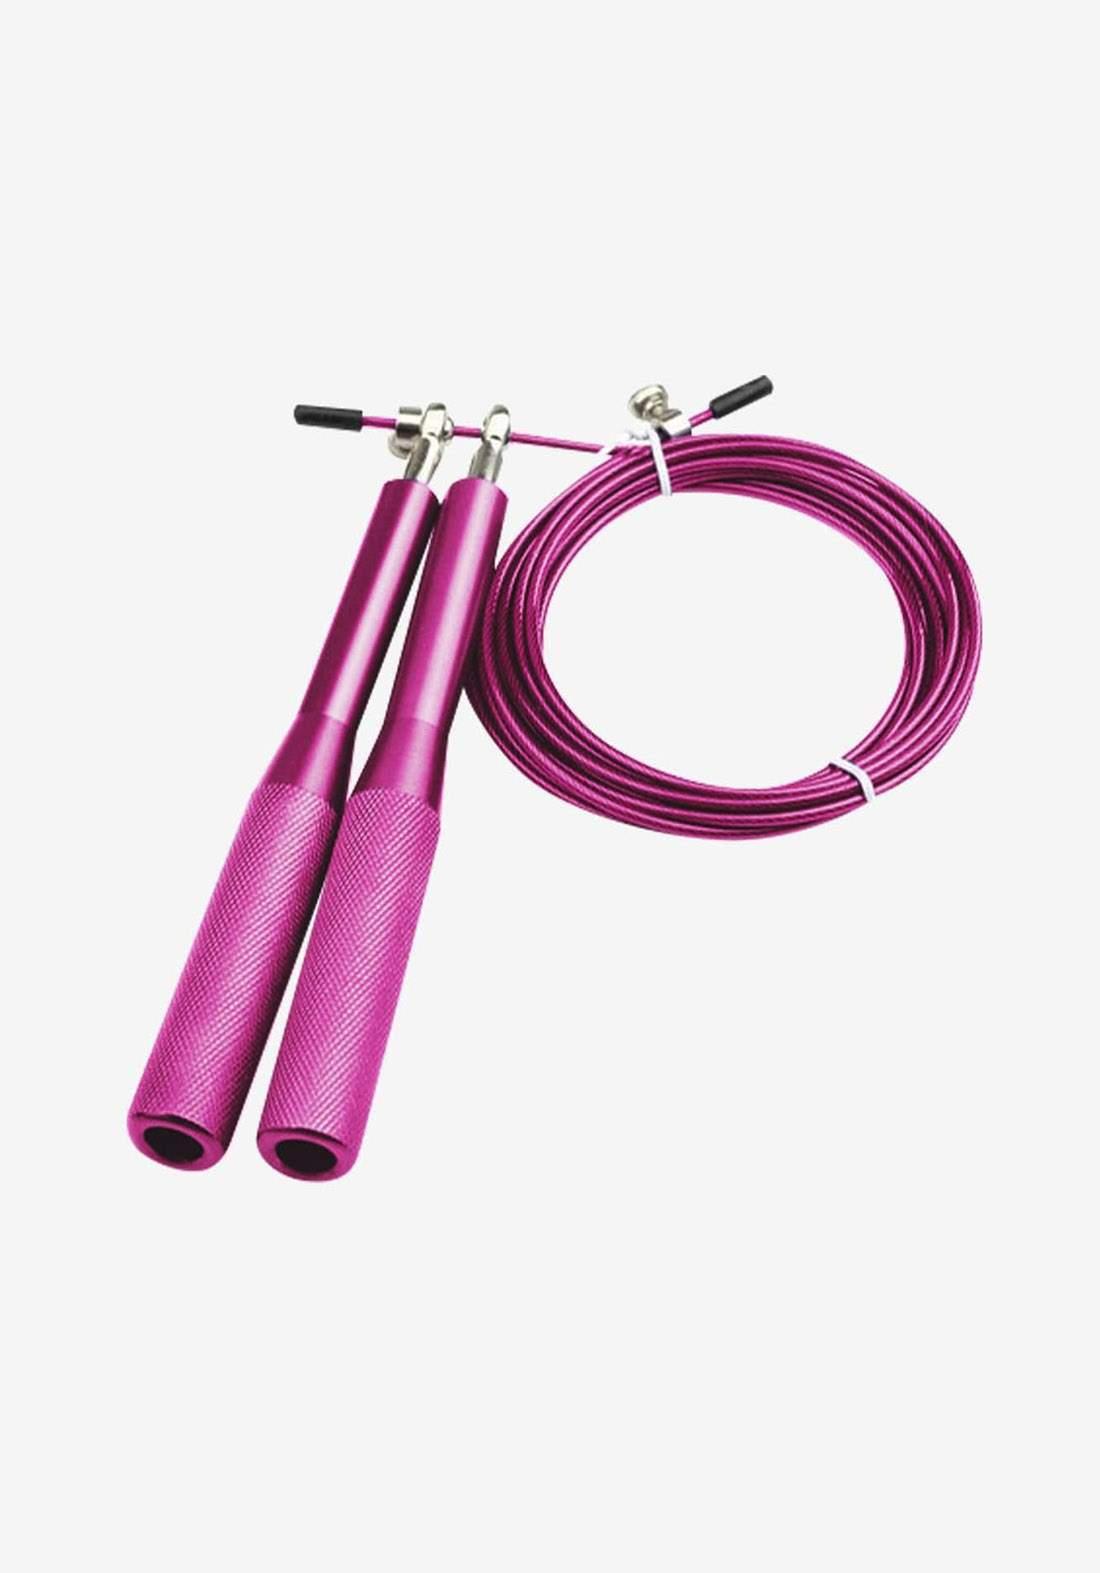 حبل رياضي وردي اللون مع مقبض مزدوج